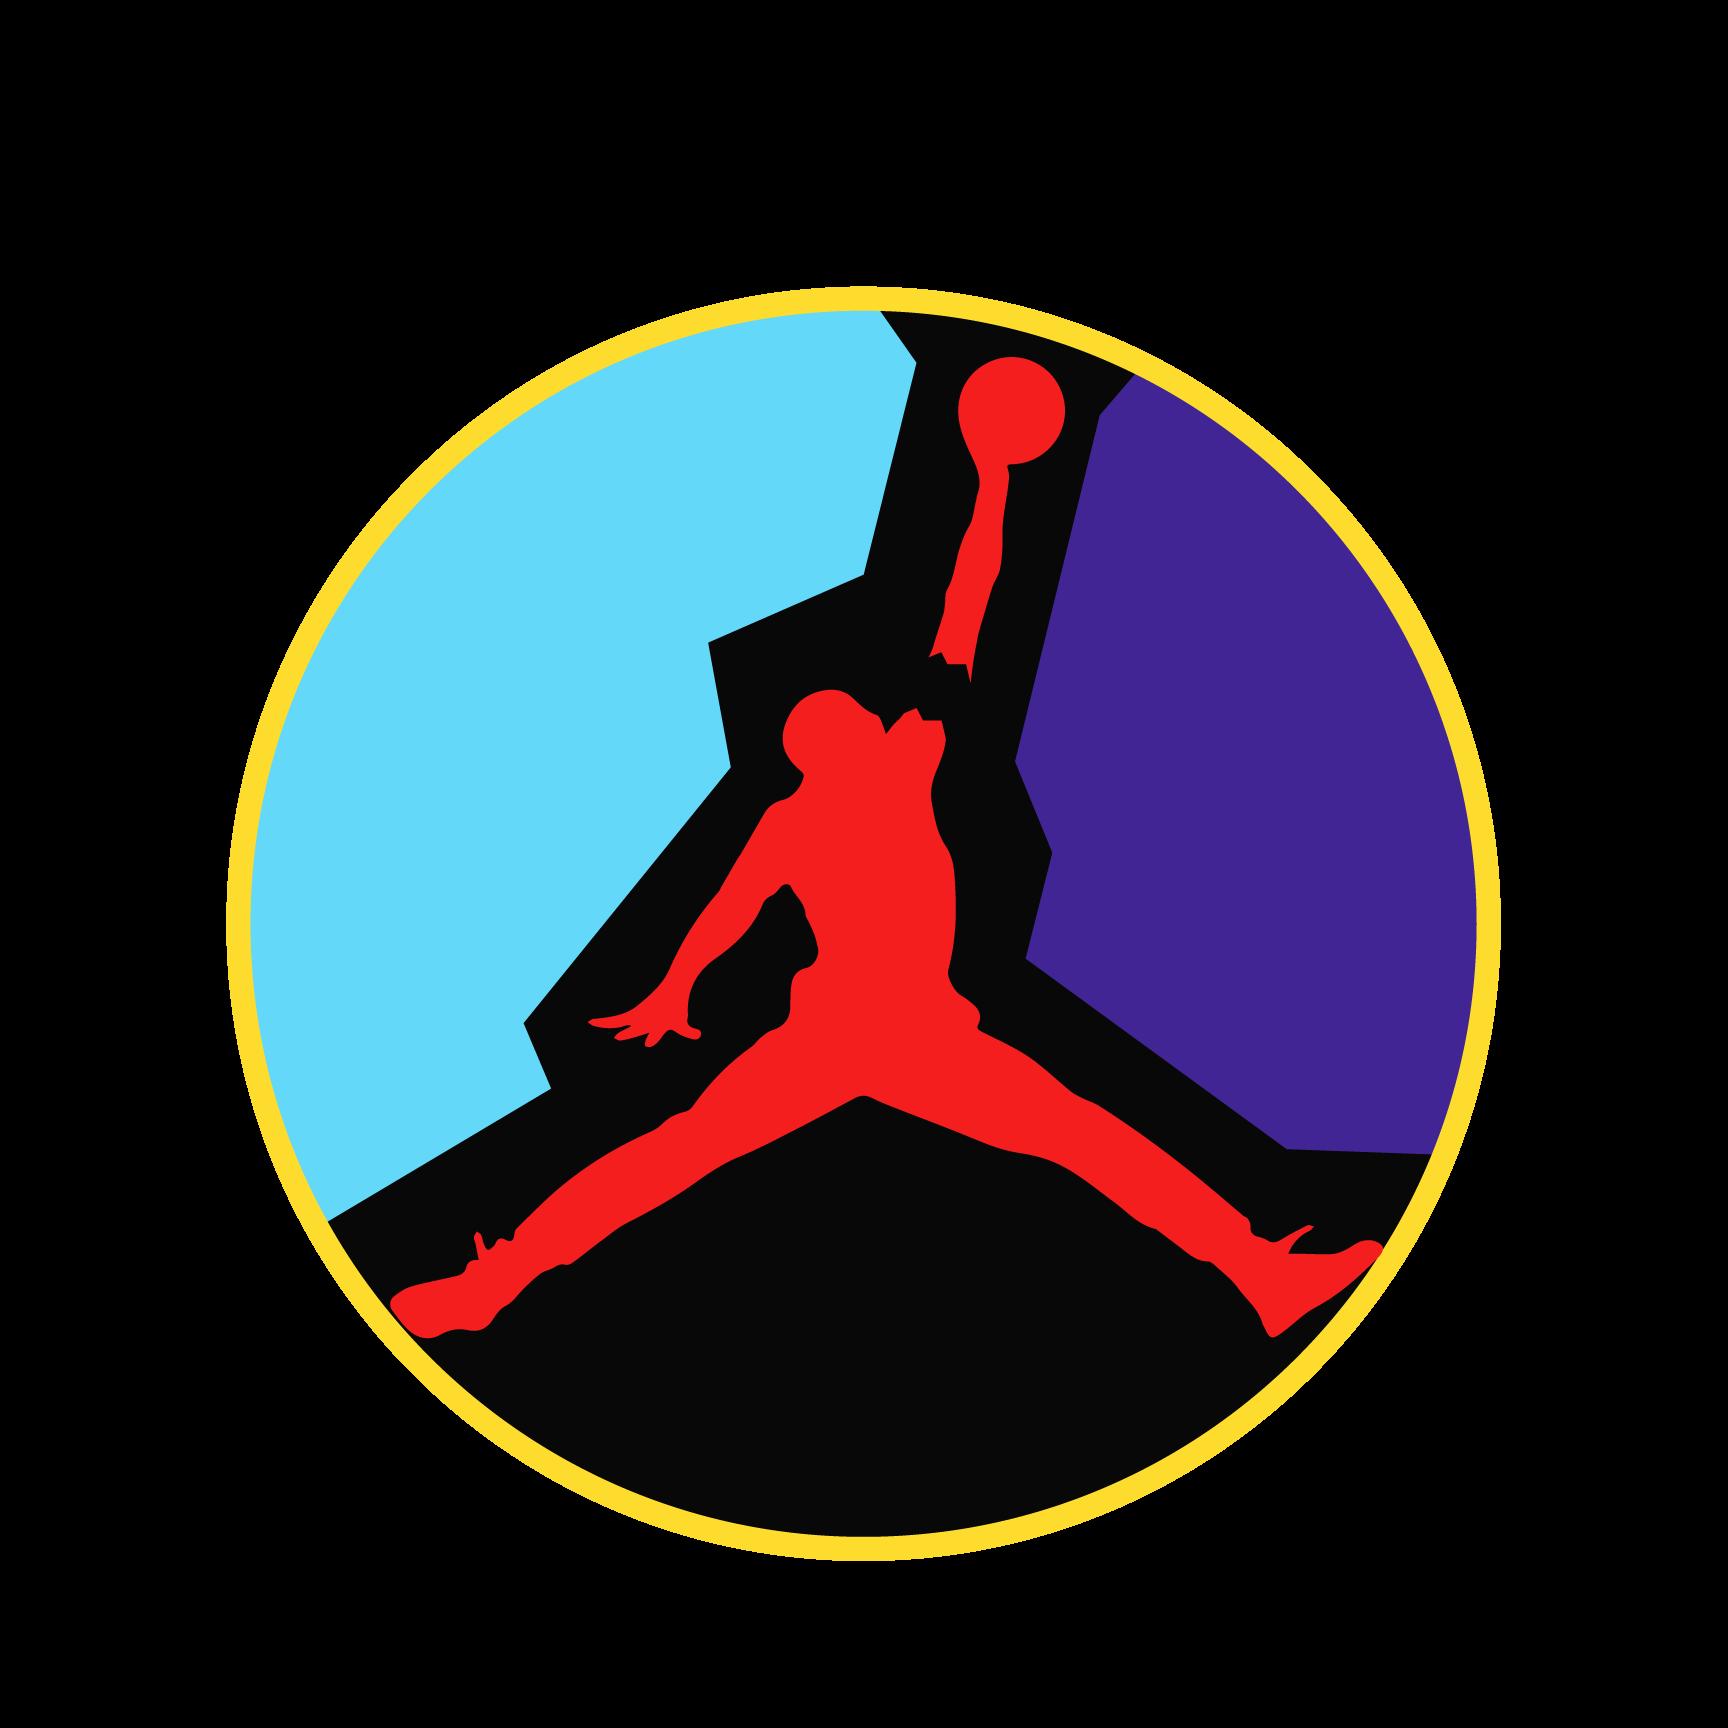 Jumpman-Broken-Arm.png